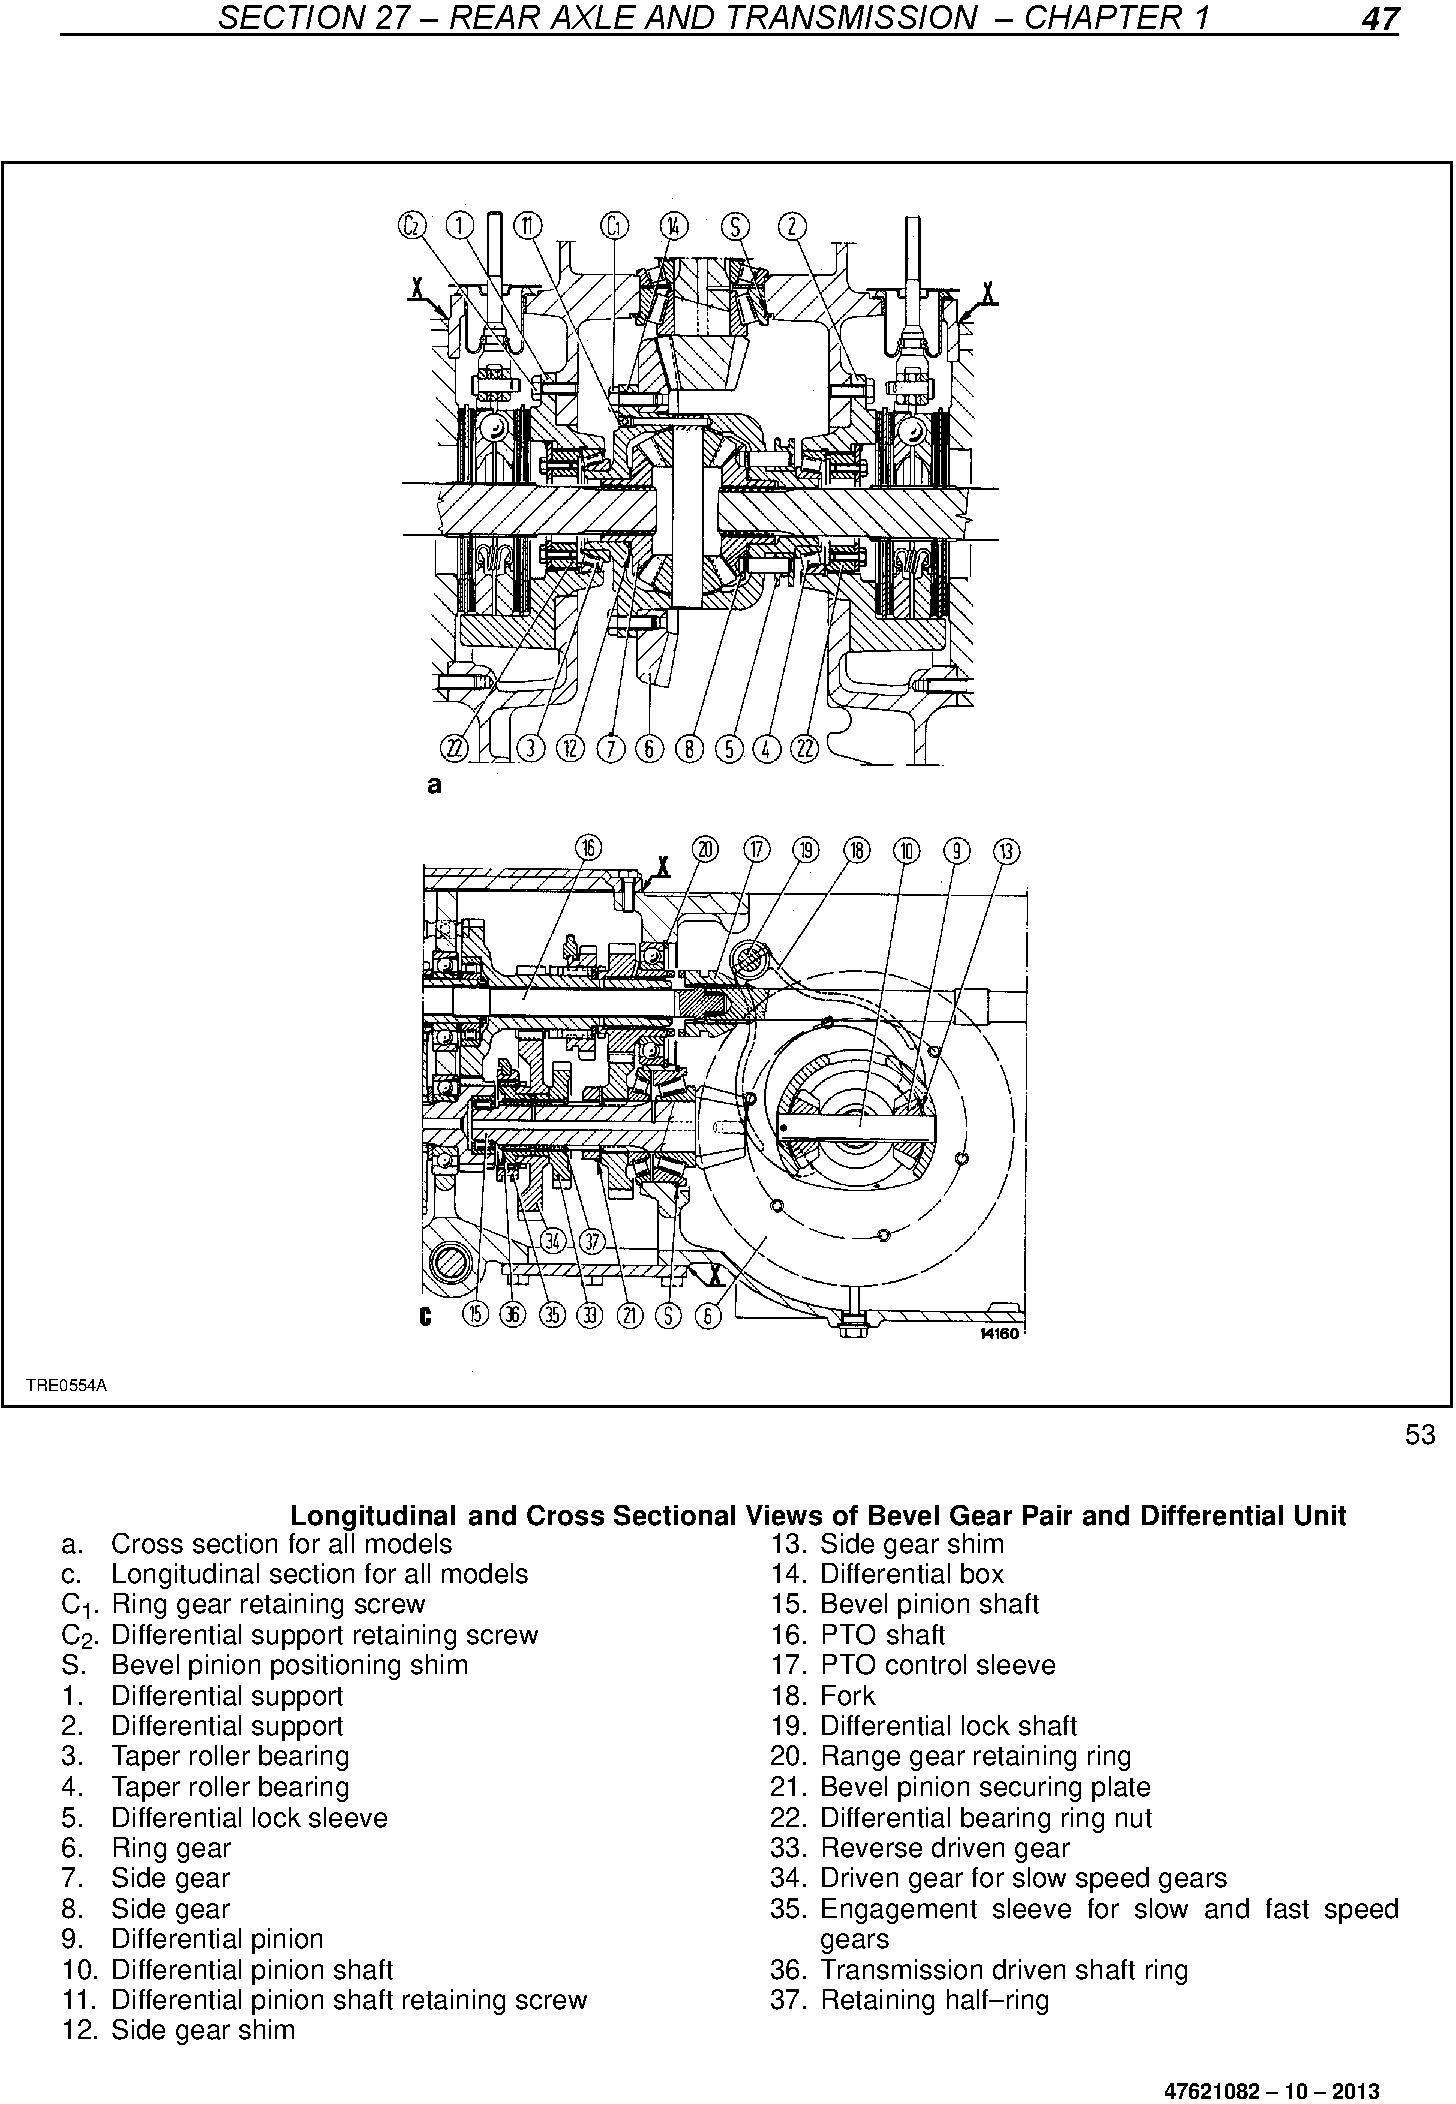 New Holland TD4020F, TD4030F, TD4040F Tractor Service Manual - 2